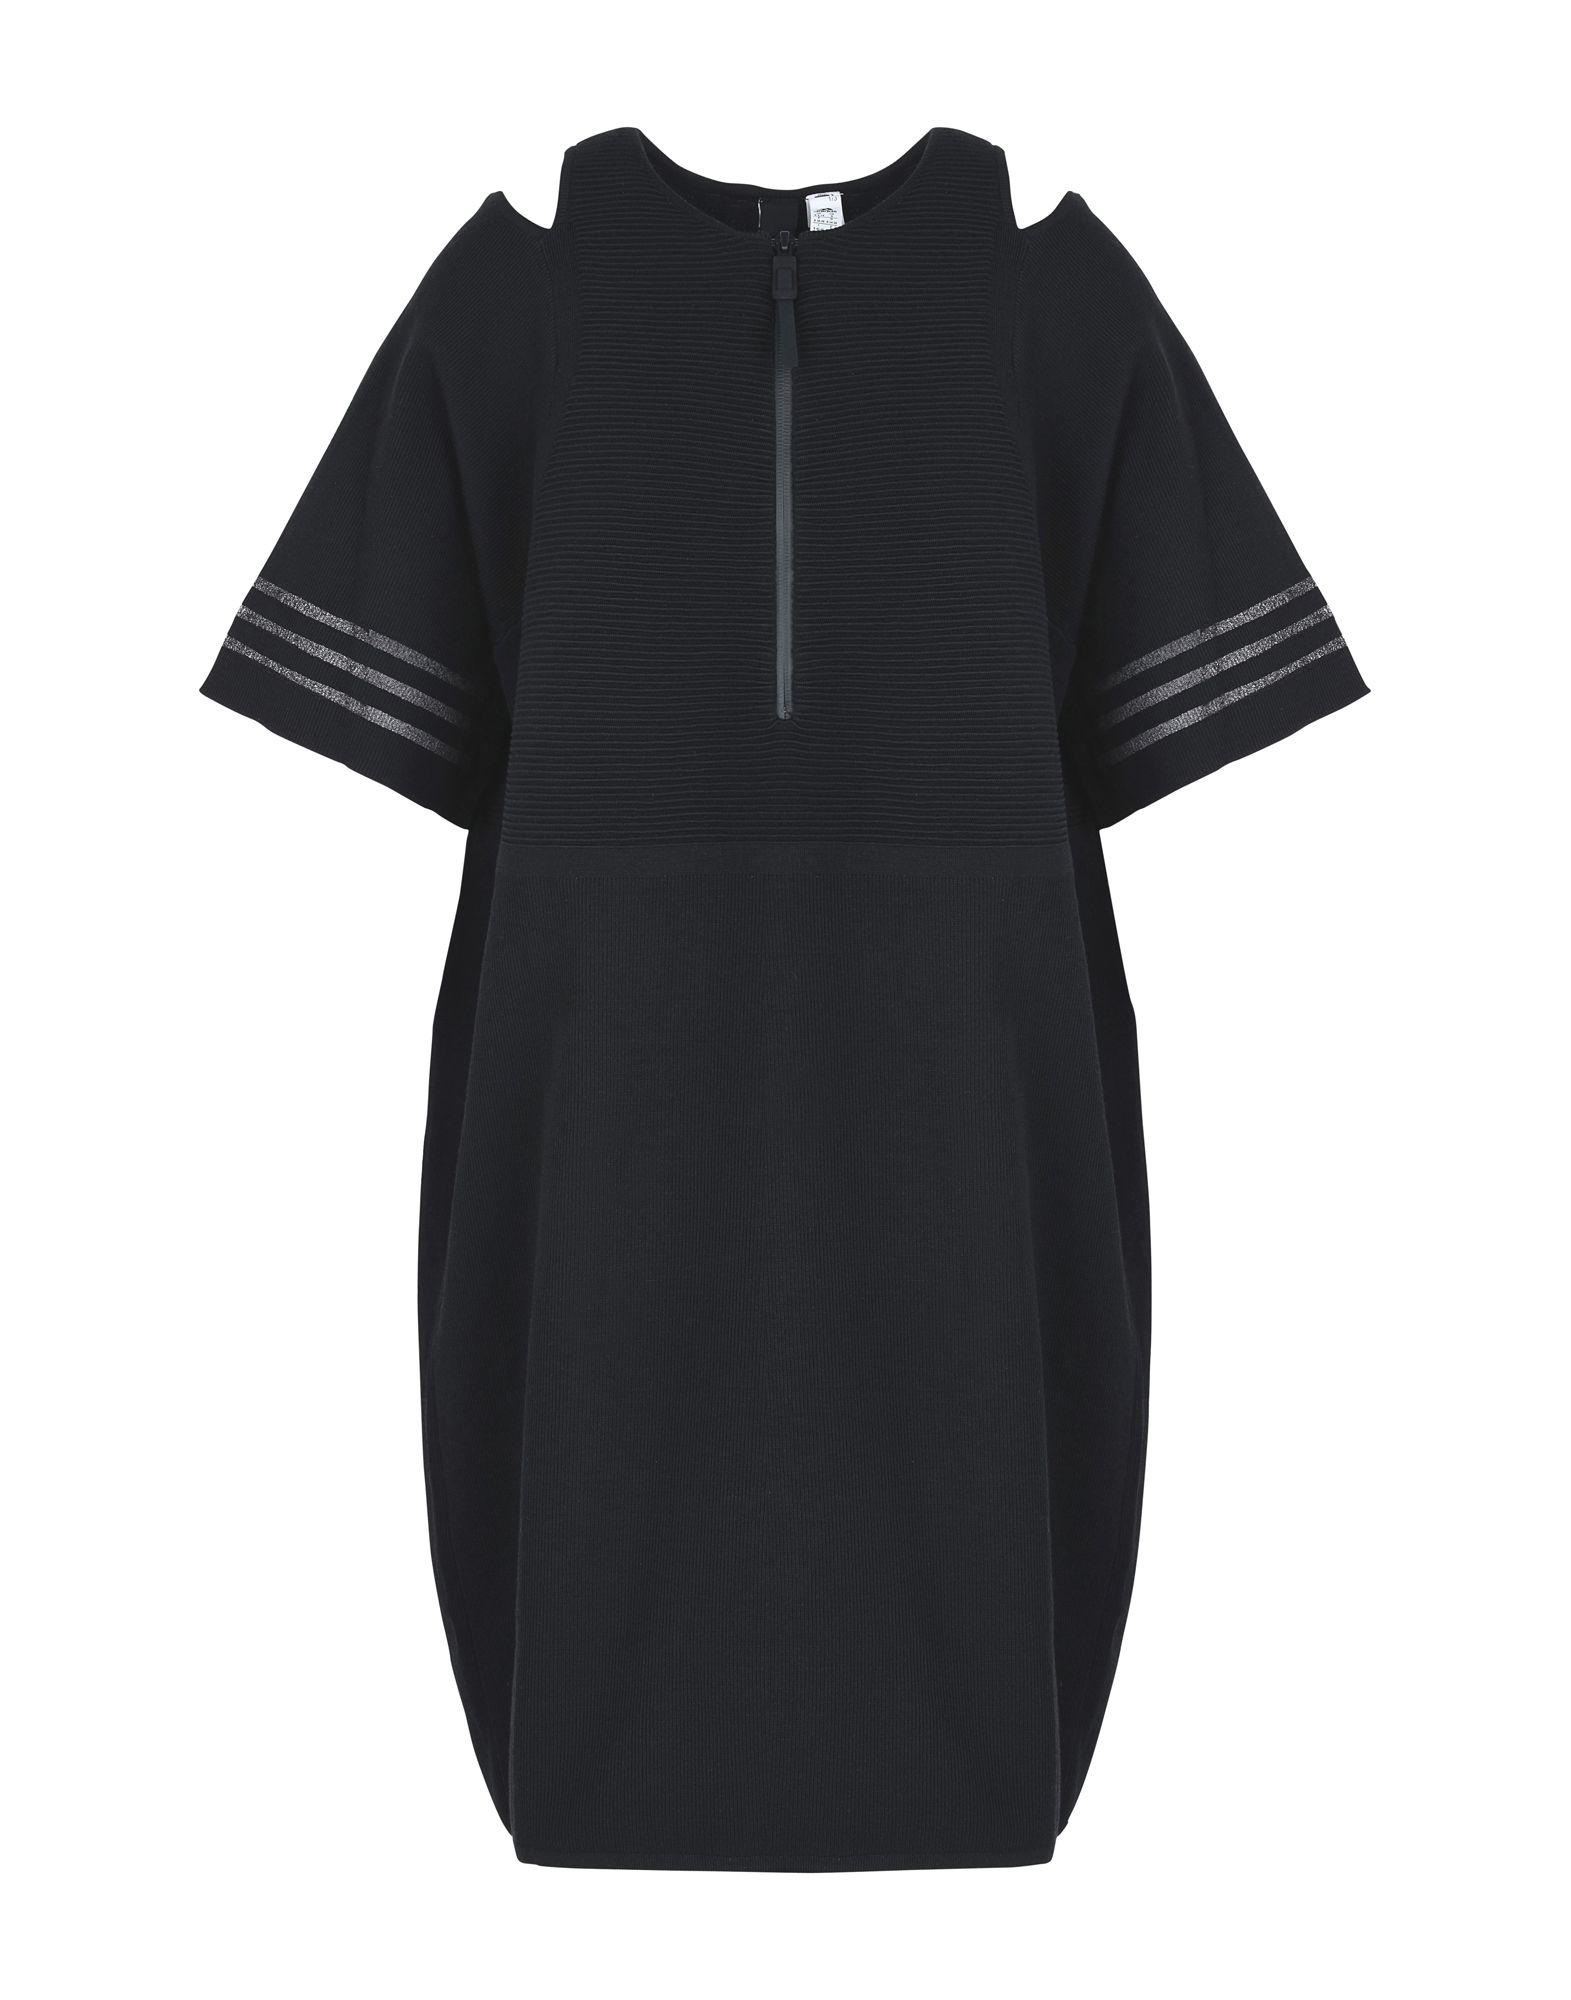 ADIDAS Damen Kurzes Kleid Farbe Schwarz Größe 6